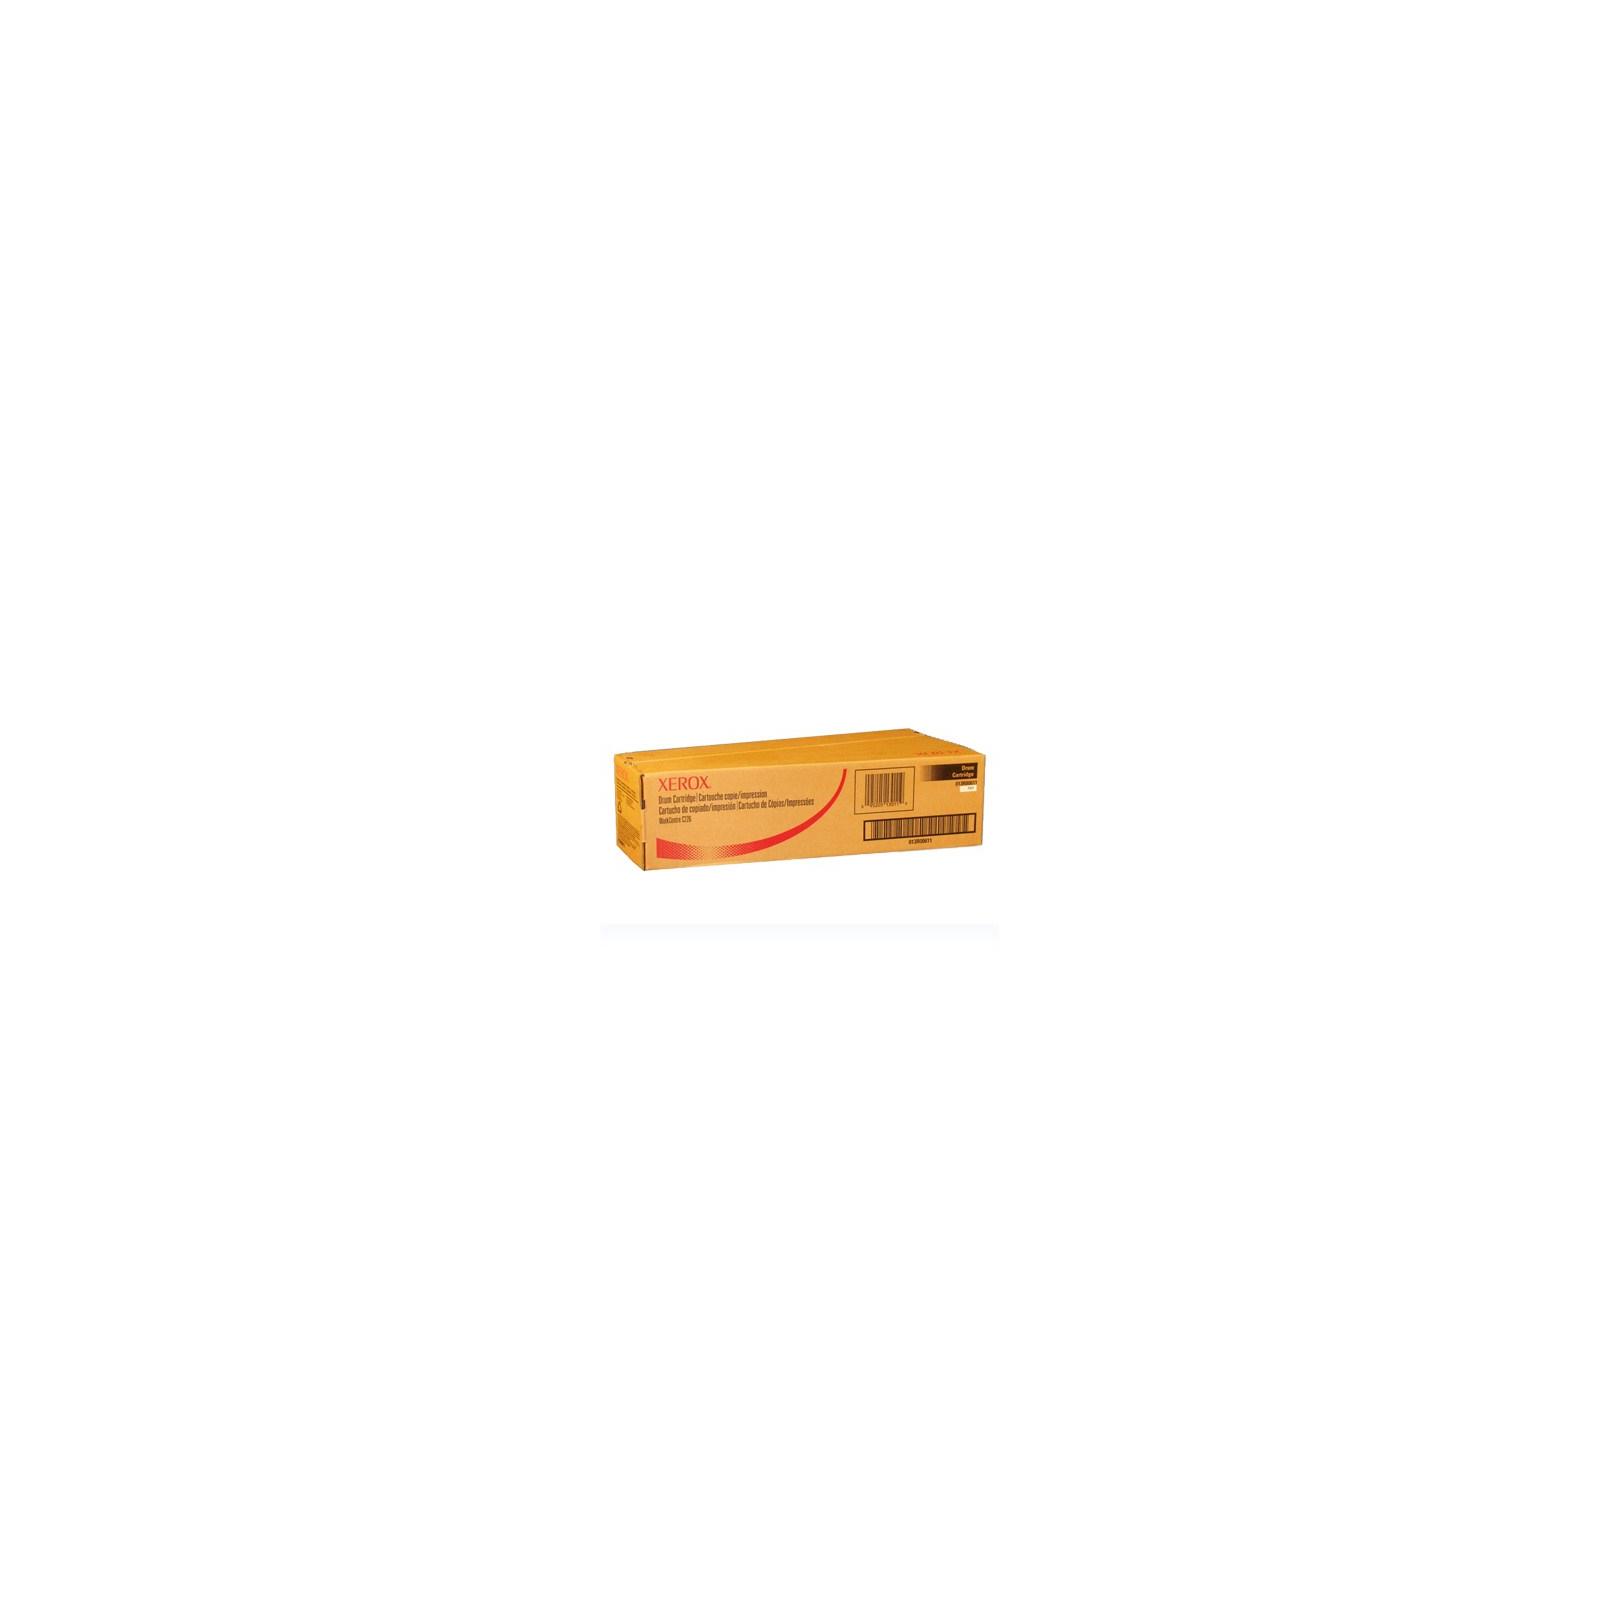 Драм картридж XEROX C226 (013R00611)